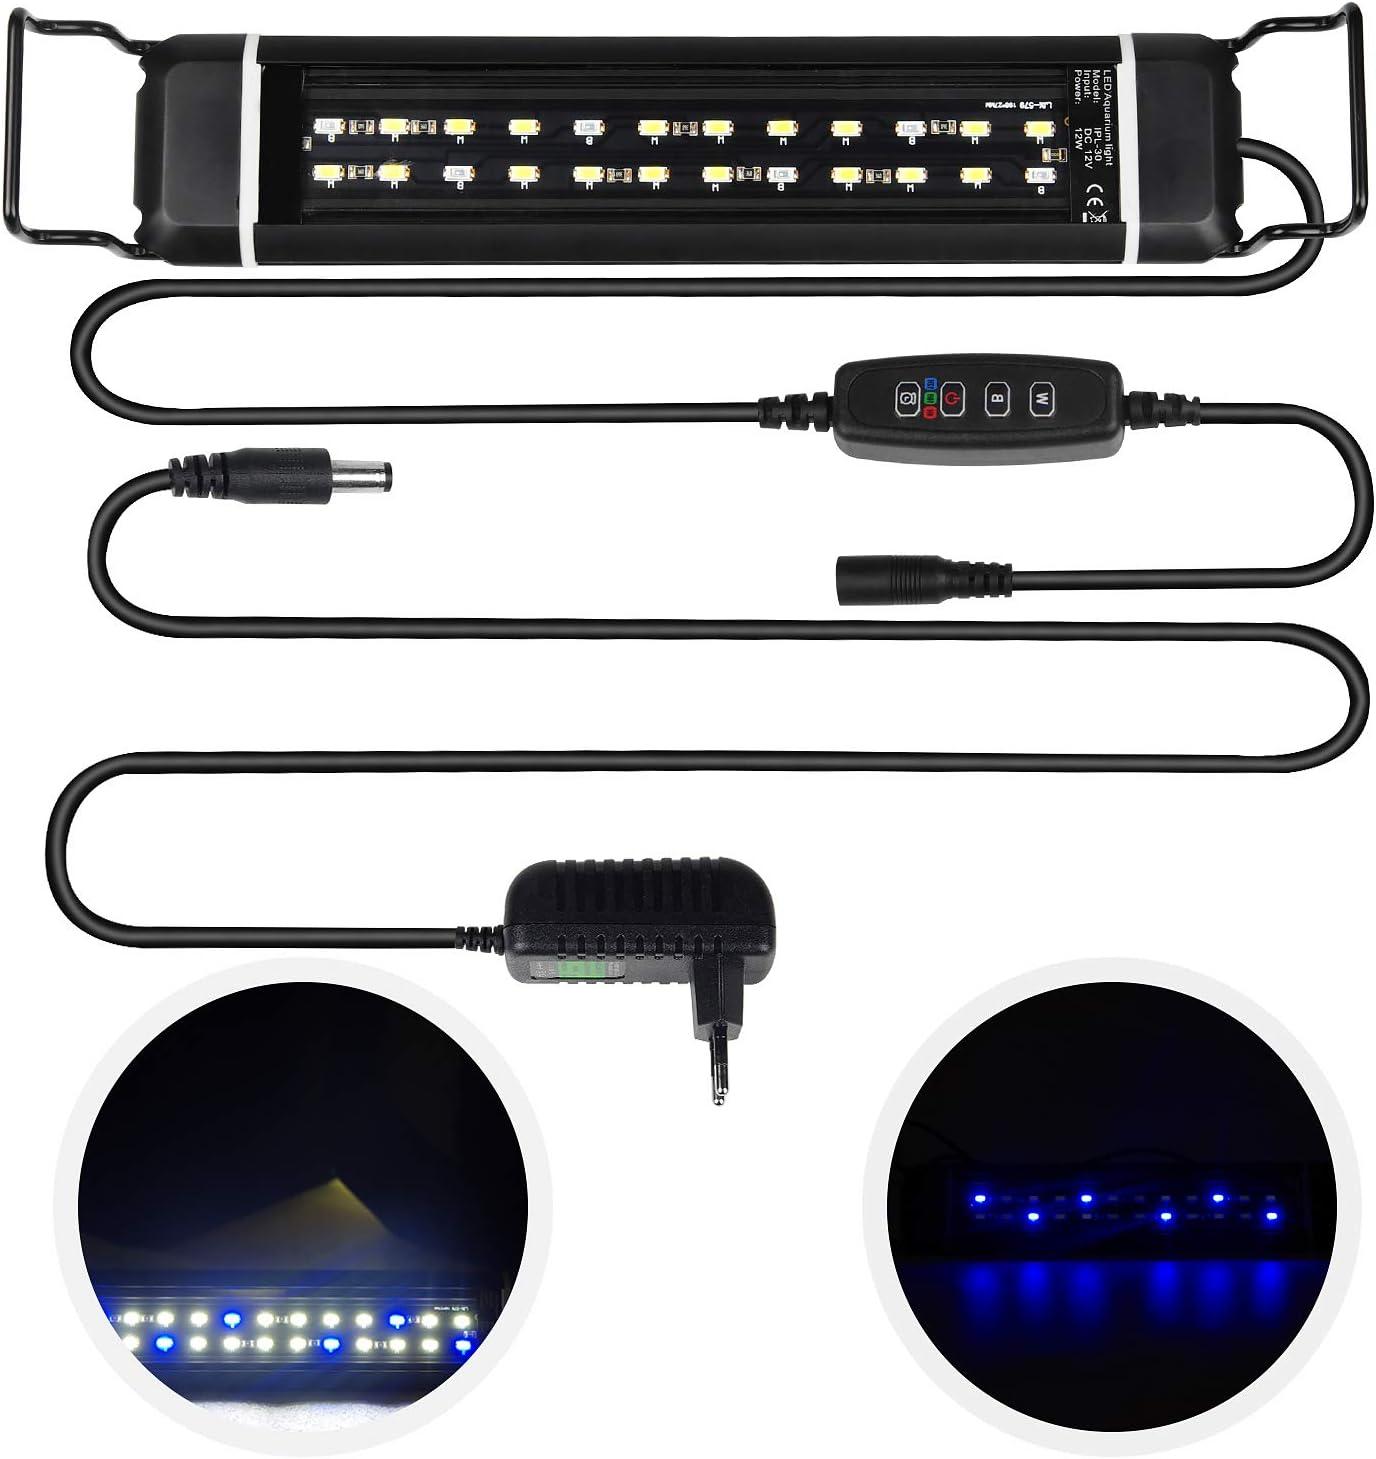 CPROSP Illuminazione a LED per Acquario con Timer, con 3 Colori di Luce Regolabili Bianco/Blu/Blu + Bianco, per Acquari da 30 cm a 48 cm, 12 W, Nero